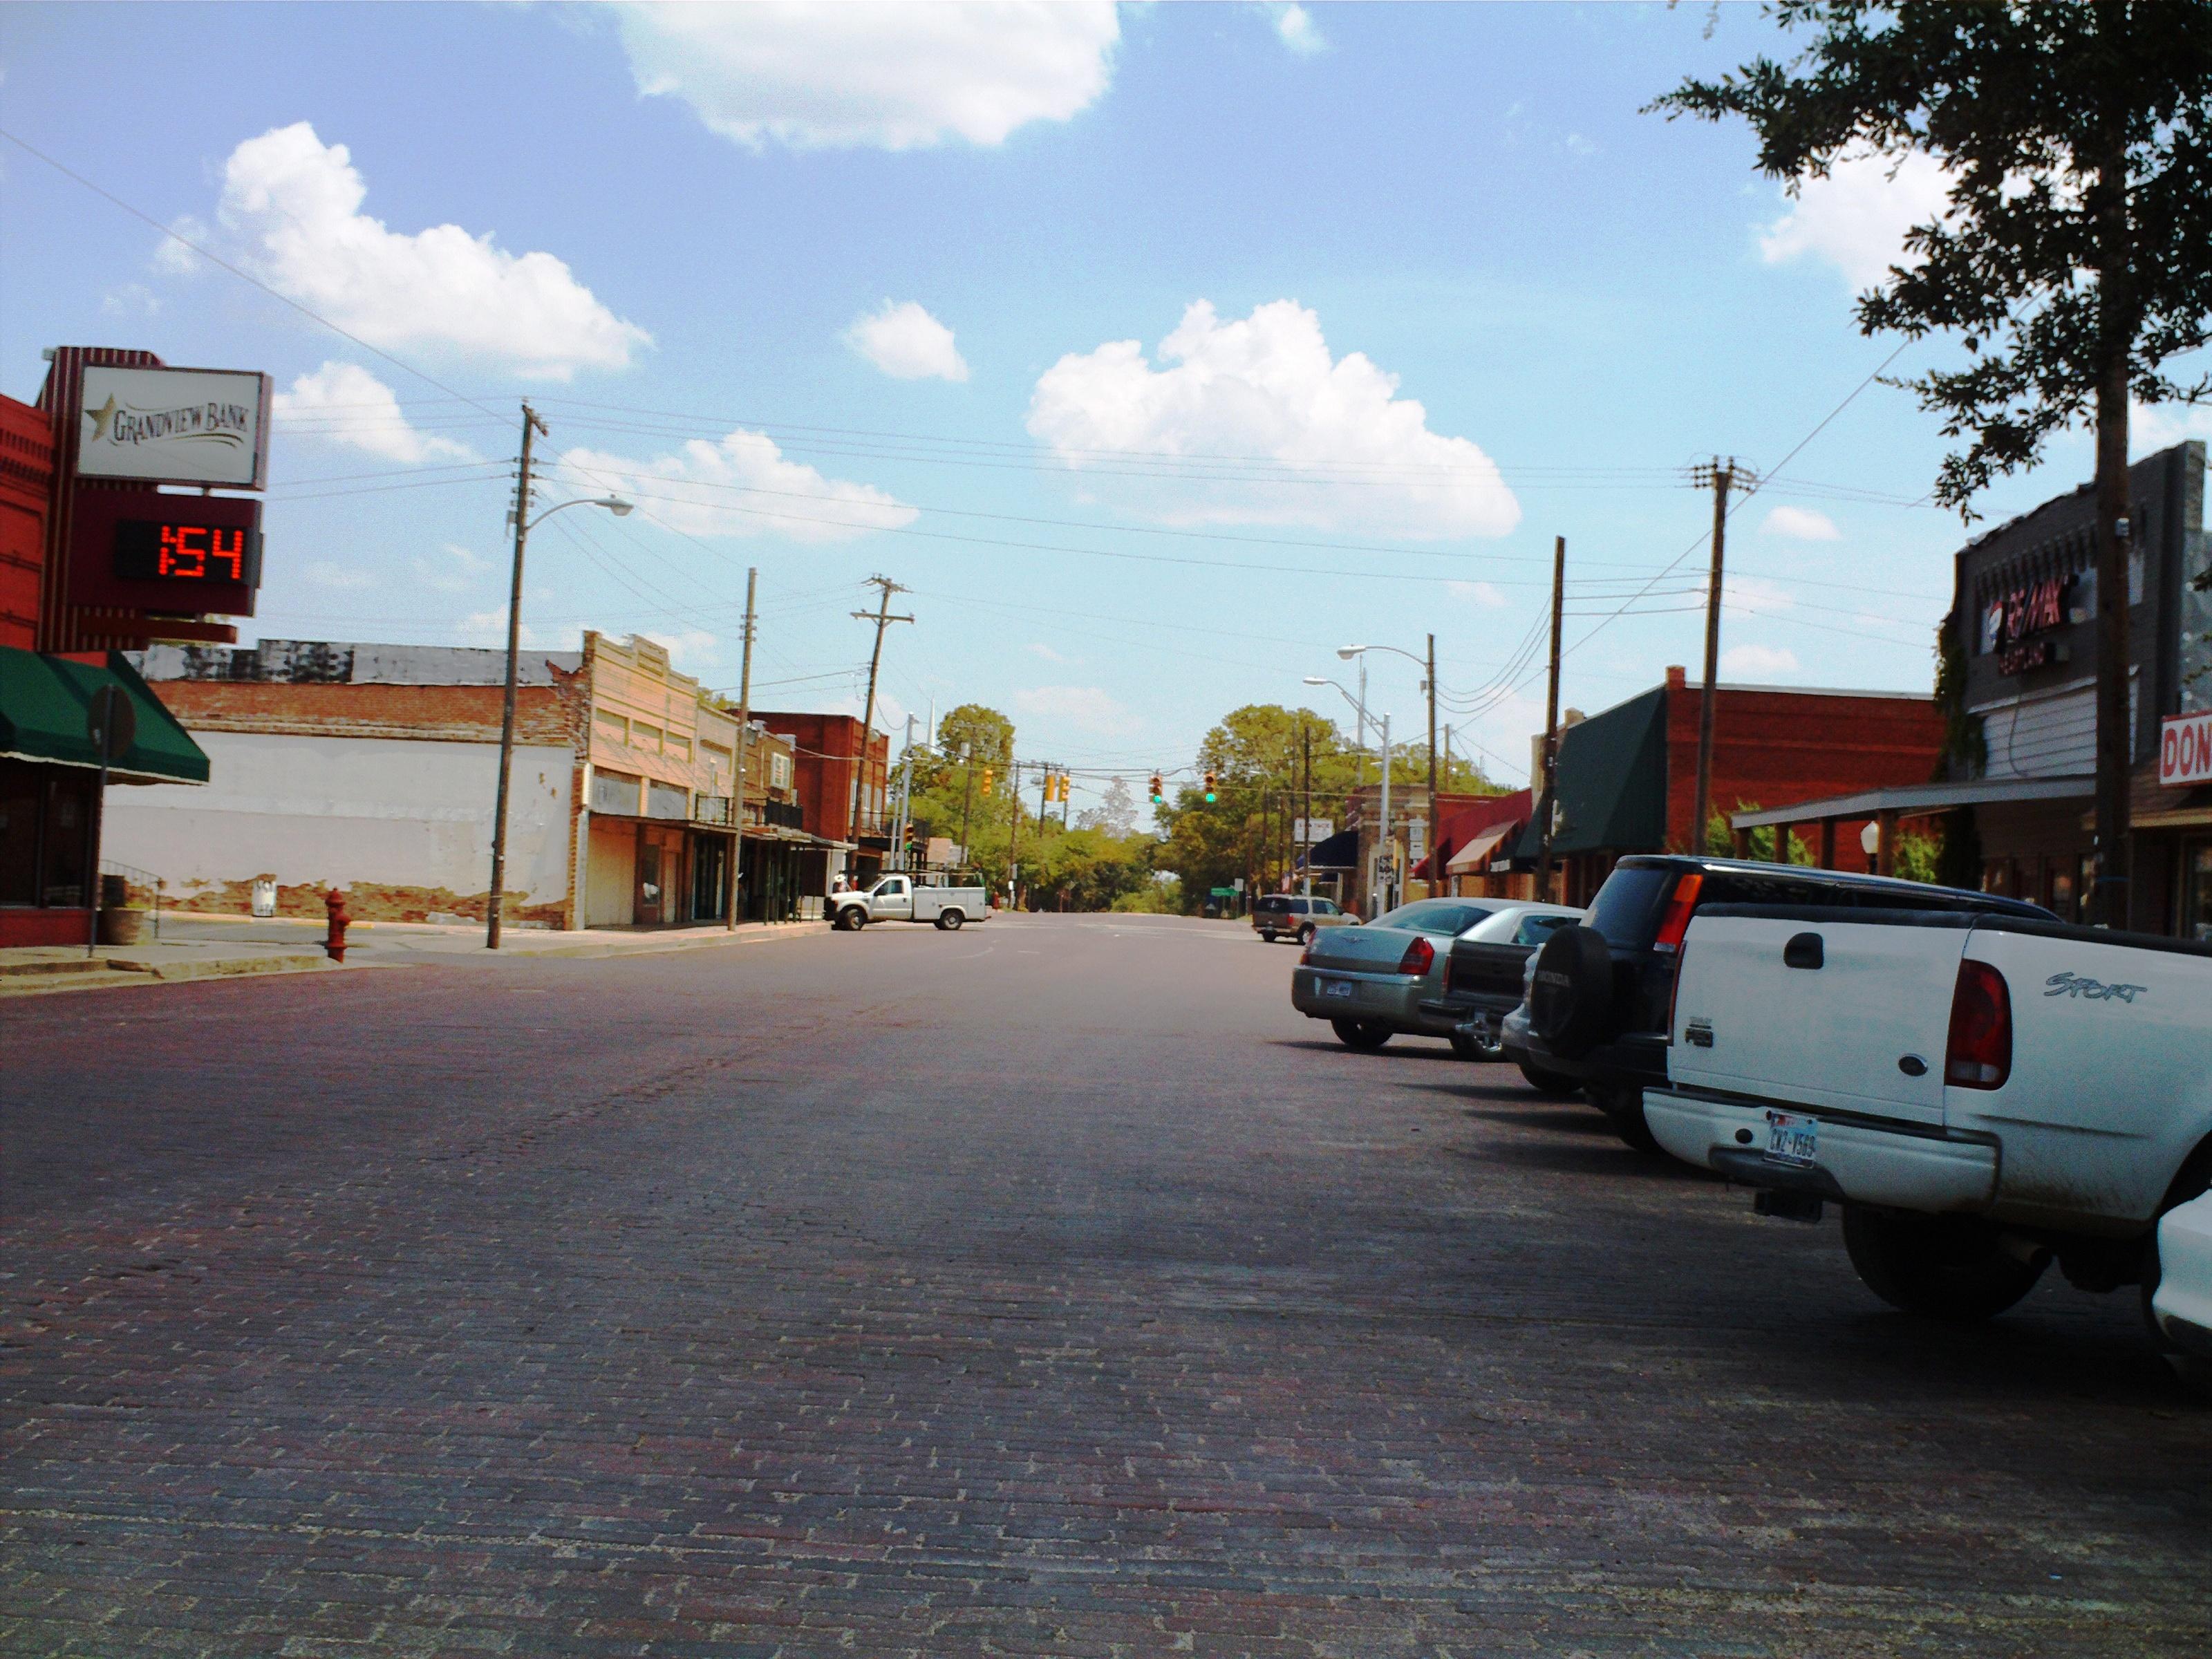 Грандвју (Тексас)